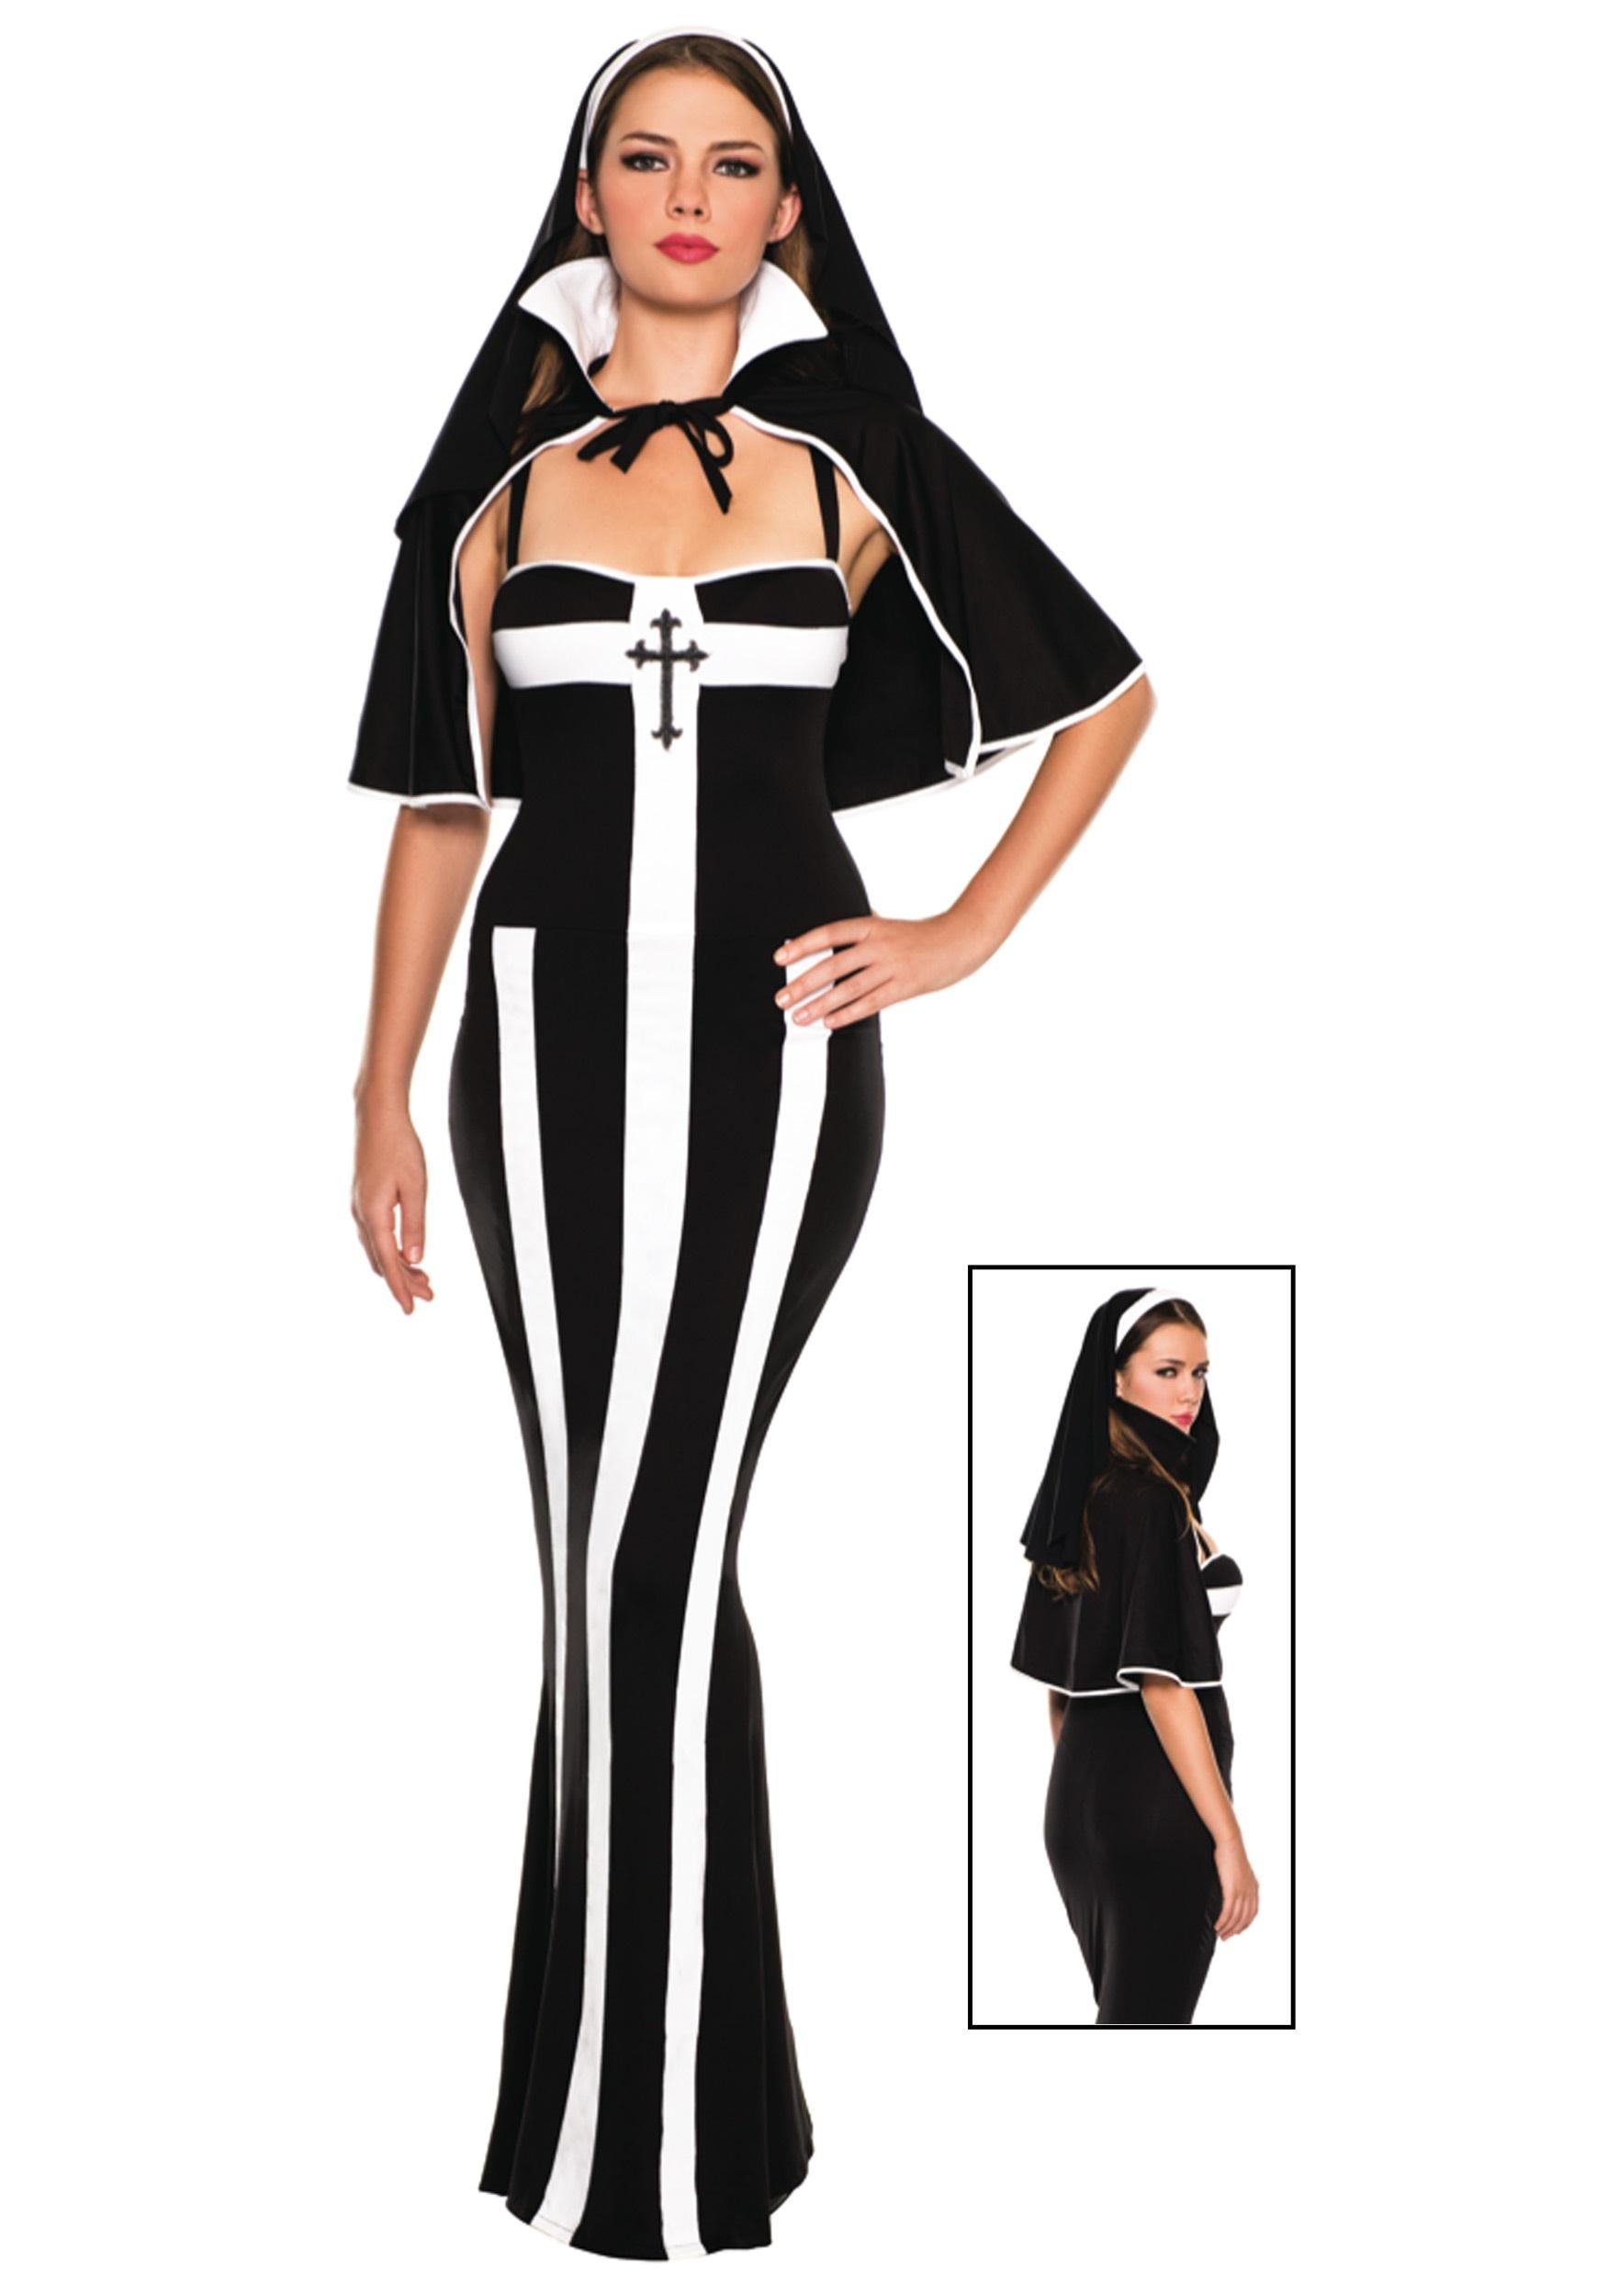 Erotic Deluxe Nun Costume  sc 1 st  Halloween Costumes & Erotic Deluxe Nun Costume - Halloween Costumes